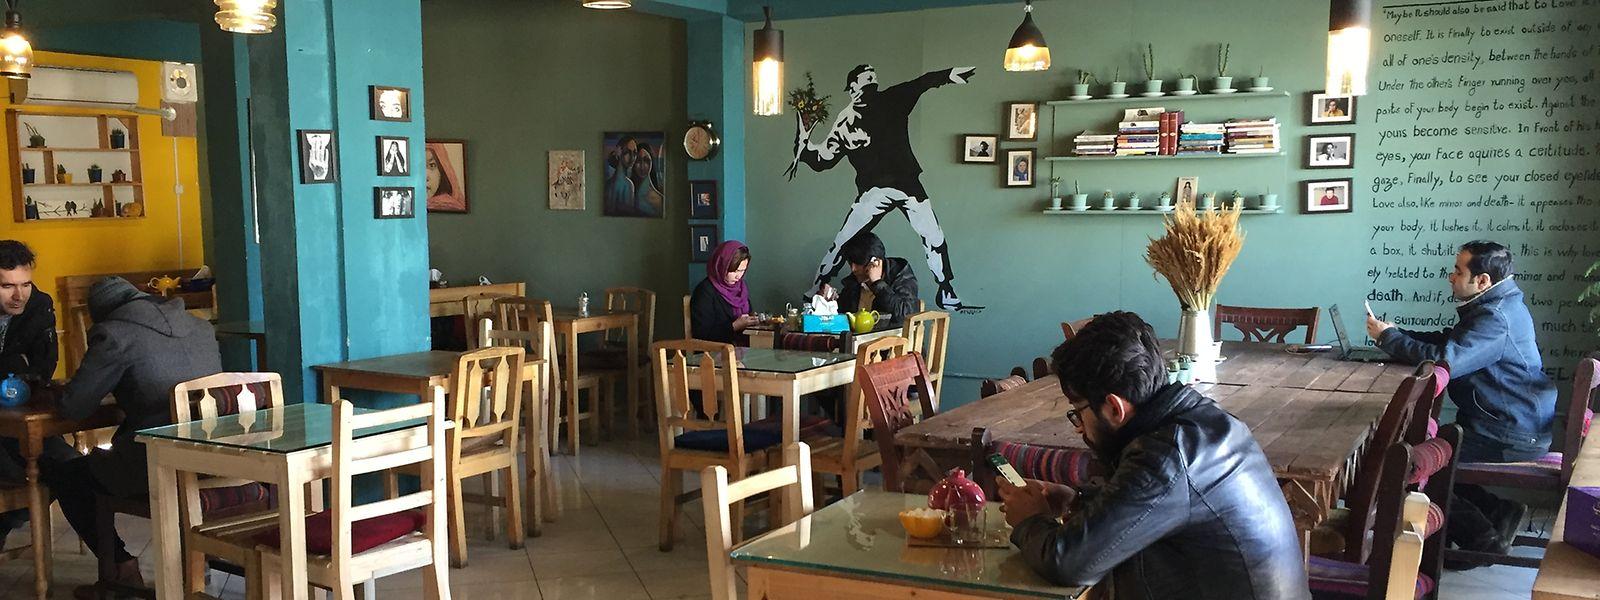 Die Café-Szene beschränkt sich weitgehend auf die Hauptstadt und fokusiert sich überwiegend auf junge Menschen im Alter zwischen 18 und 30.